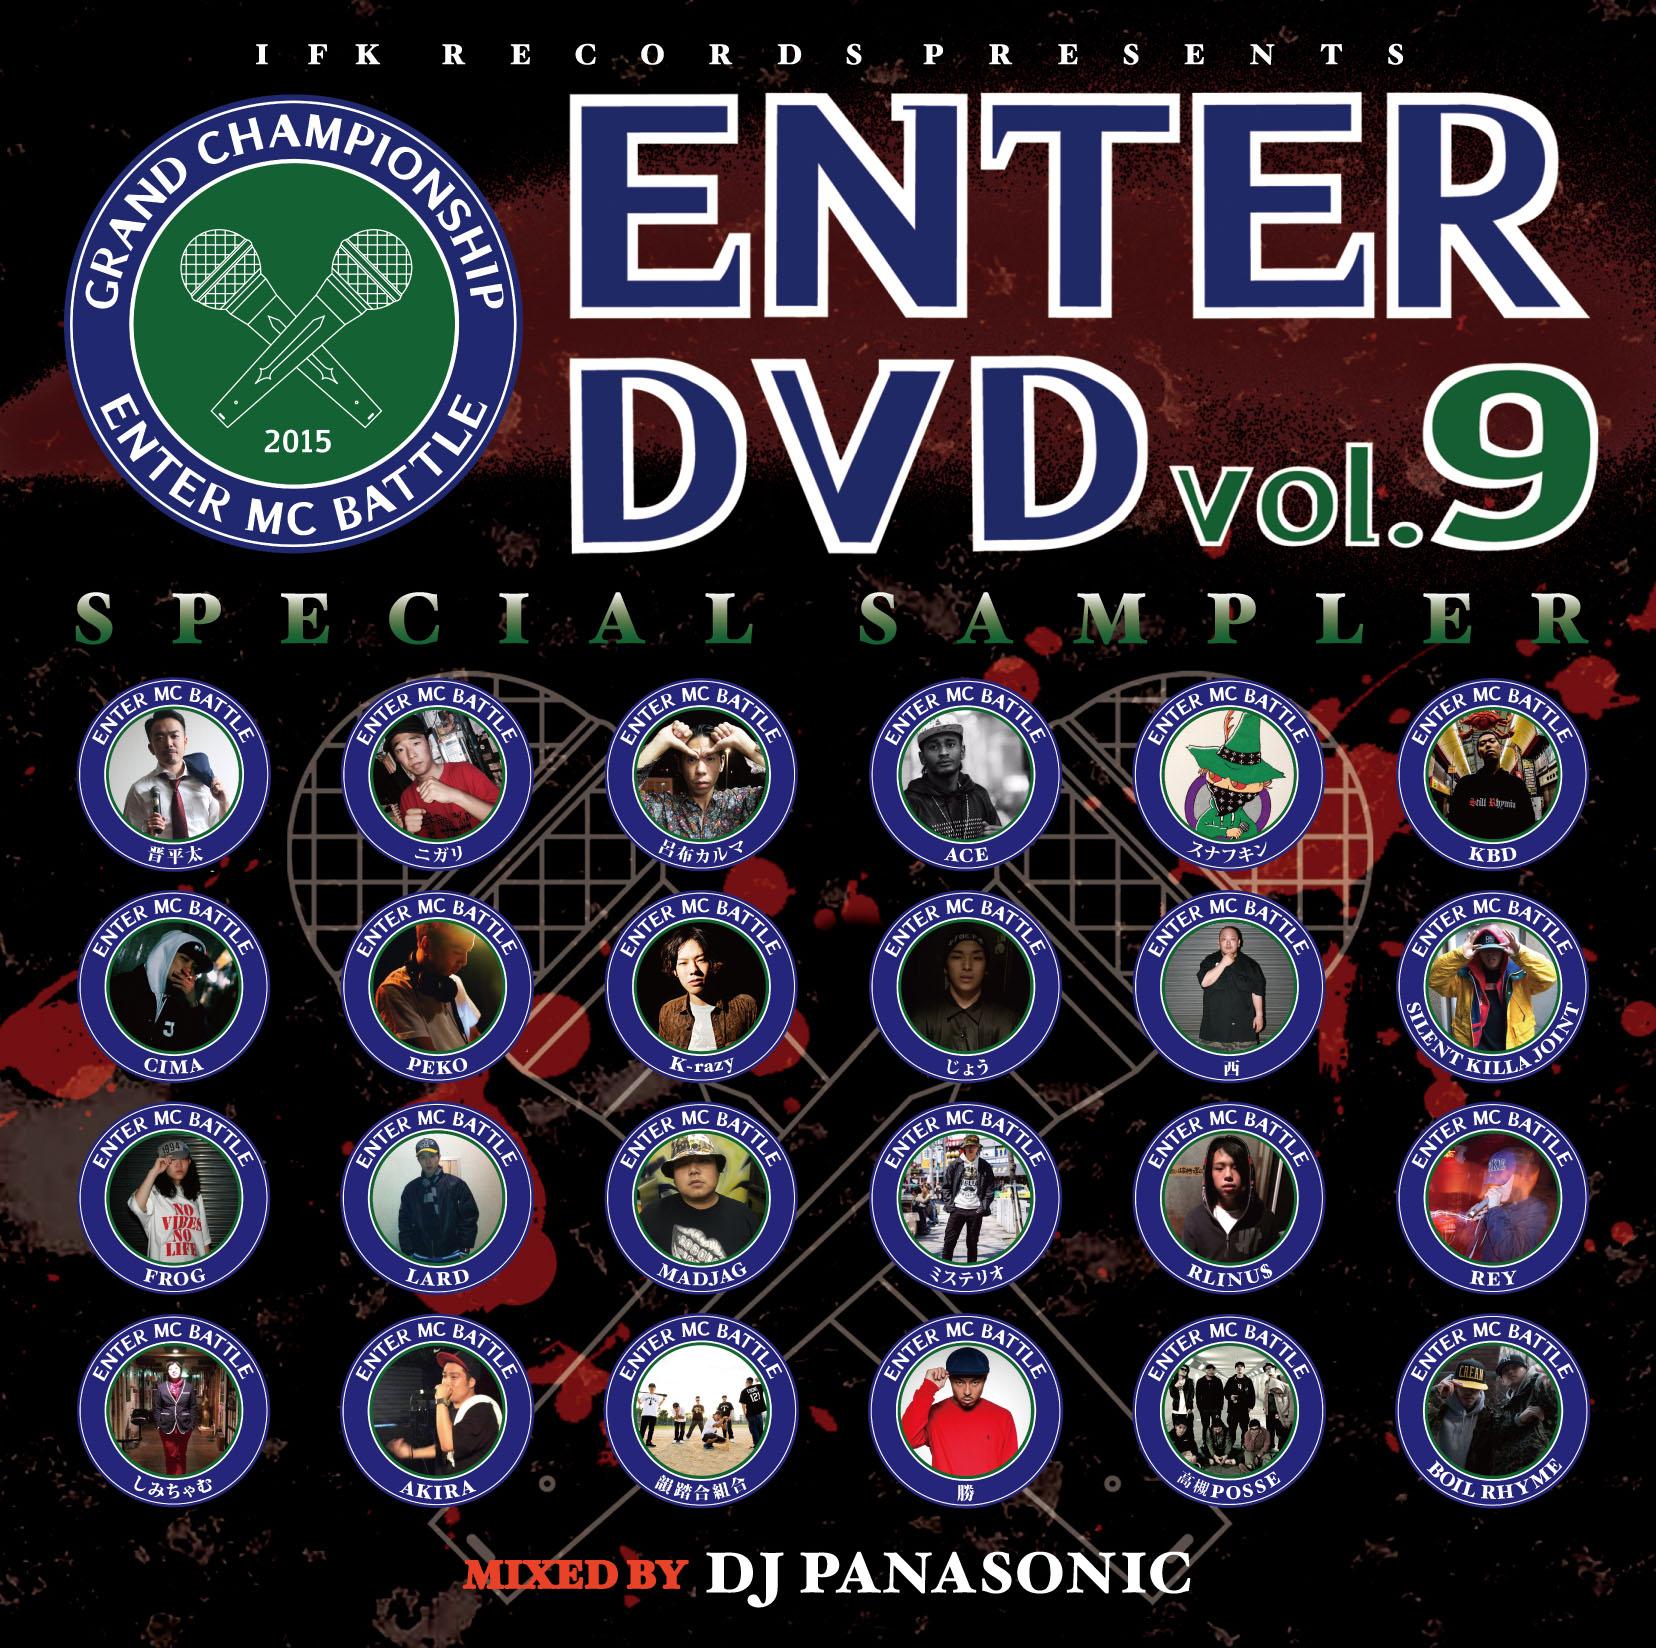 ENTER DVD 9 SAMPLER_3_120x120_omote.jpg